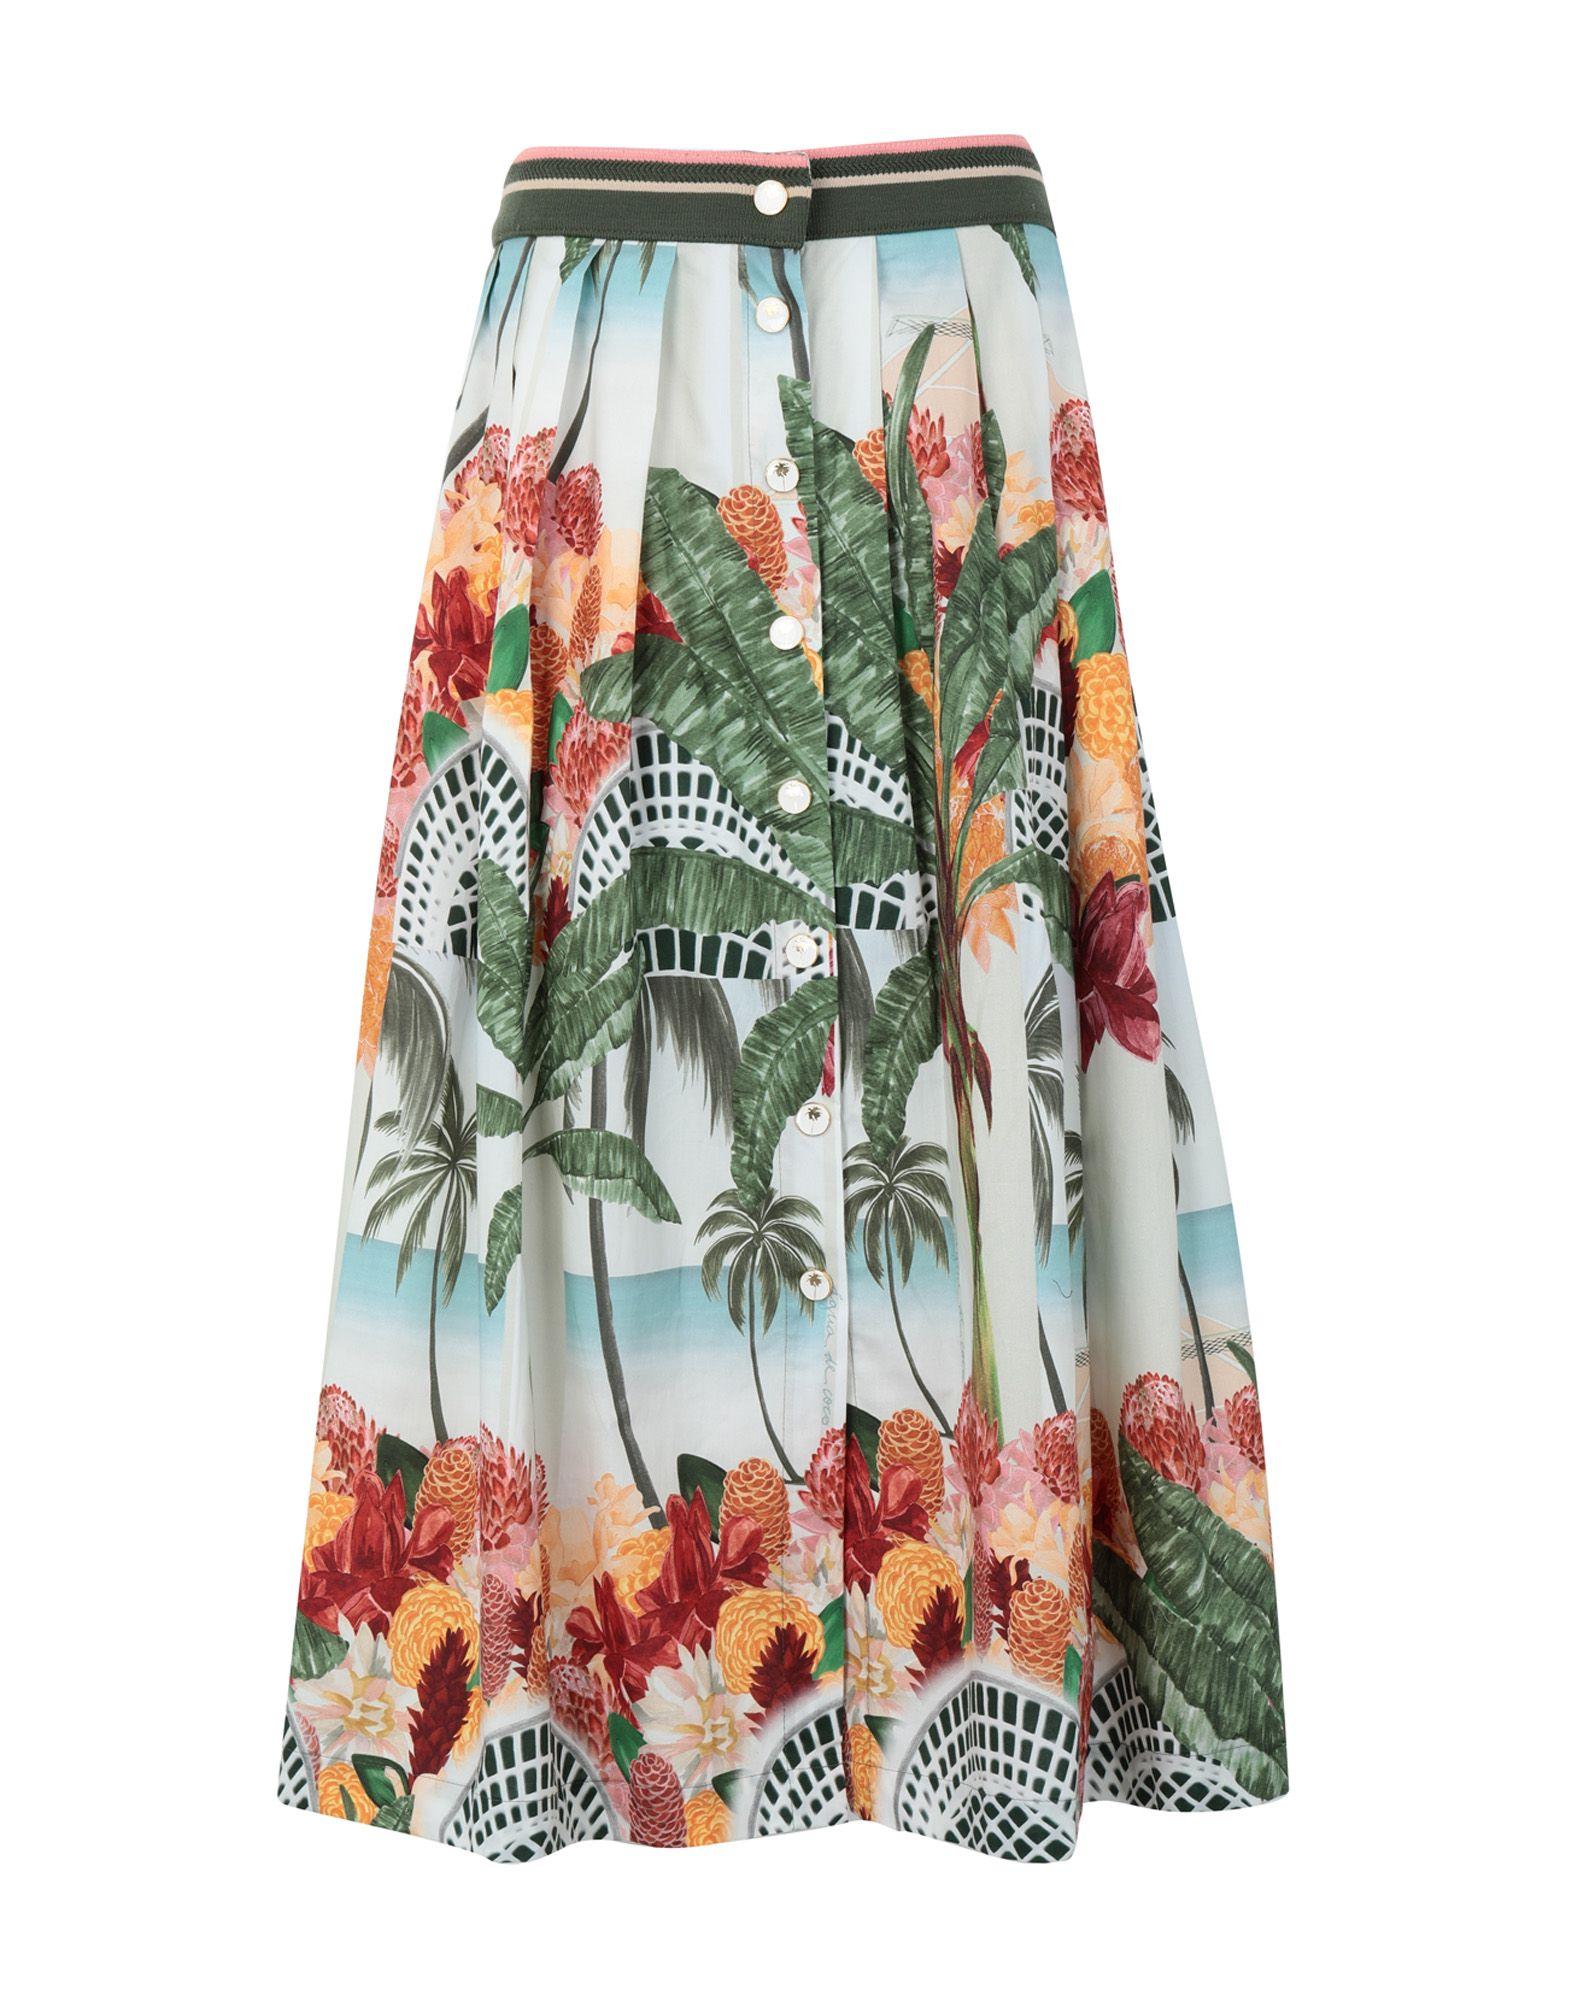 《送料無料》?GUA DE COCO por LIANA THOMAZ レディース 7分丈スカート グリーン S コットン 100%